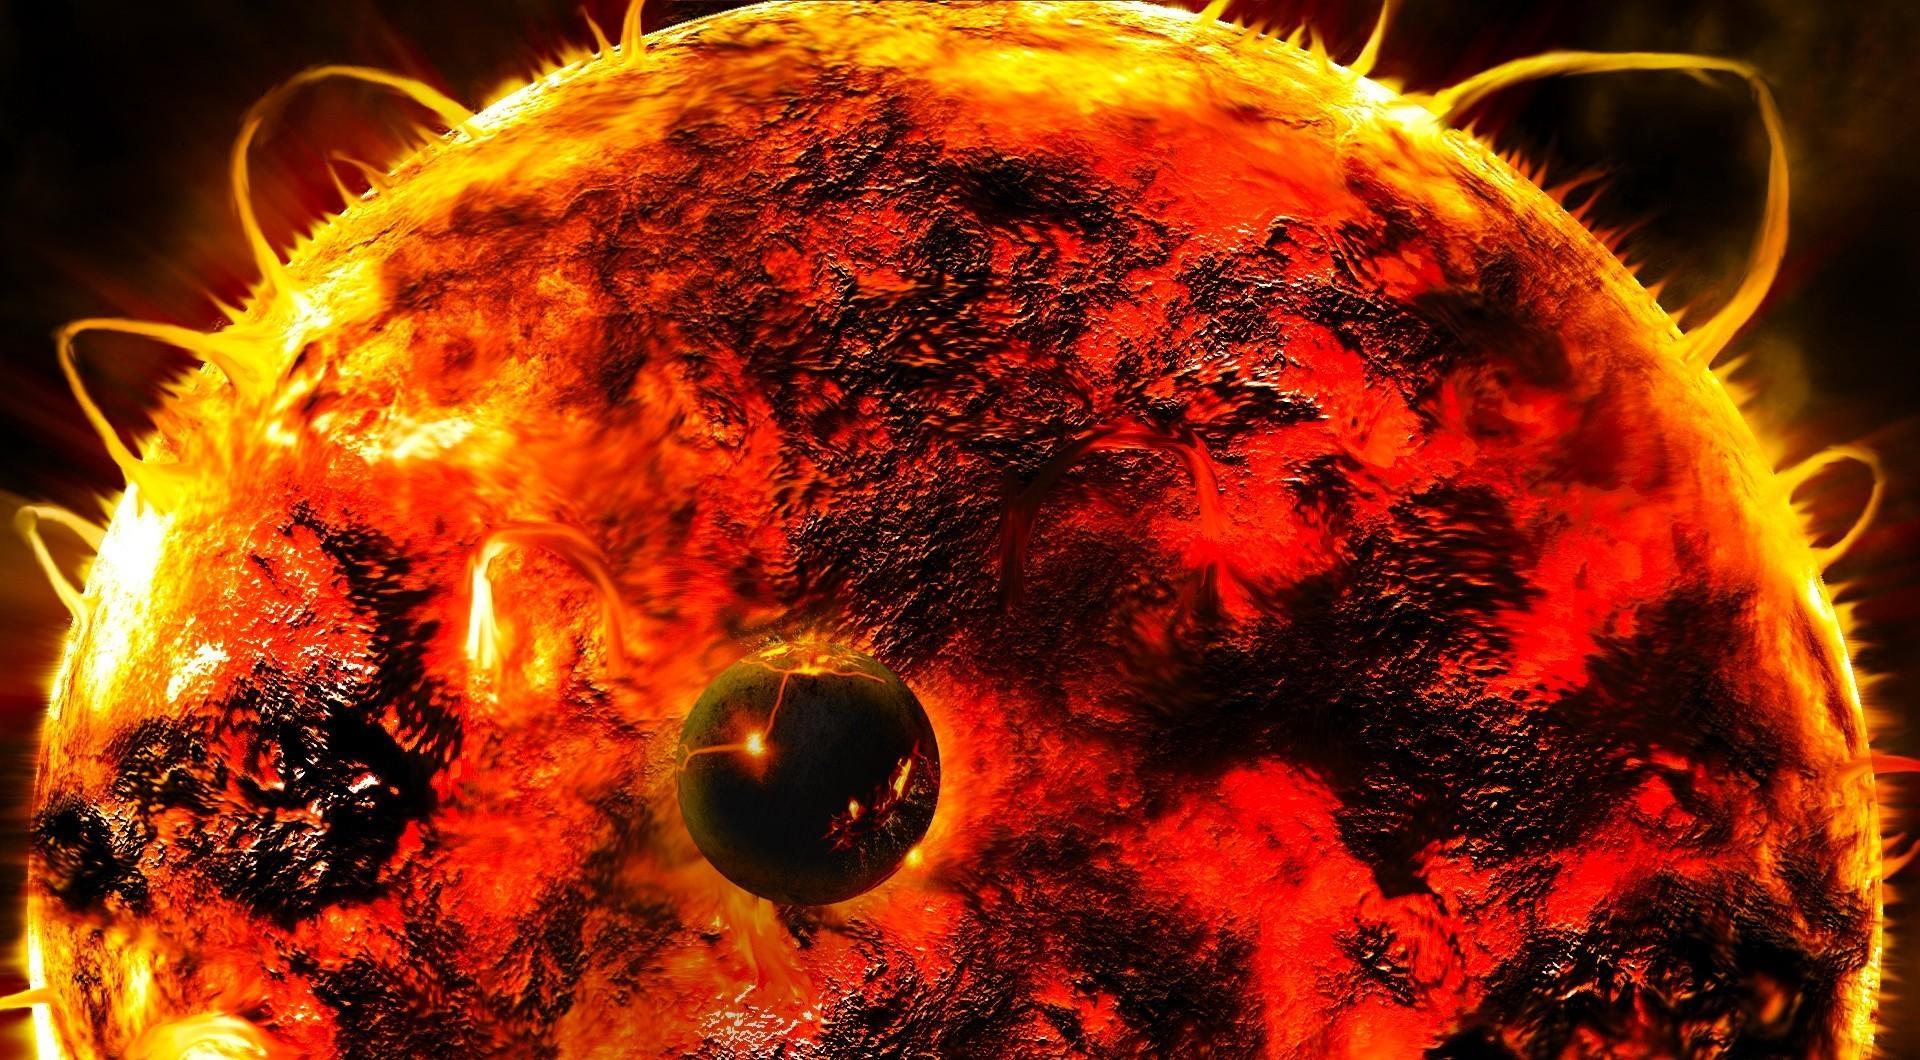 129829 Hintergrundbild 128x160 kostenlos auf deinem Handy, lade Bilder Universum, Sun, Sterne, Blitz, Planet, Planeten, Star, Energie, Ausbrüche 128x160 auf dein Handy herunter